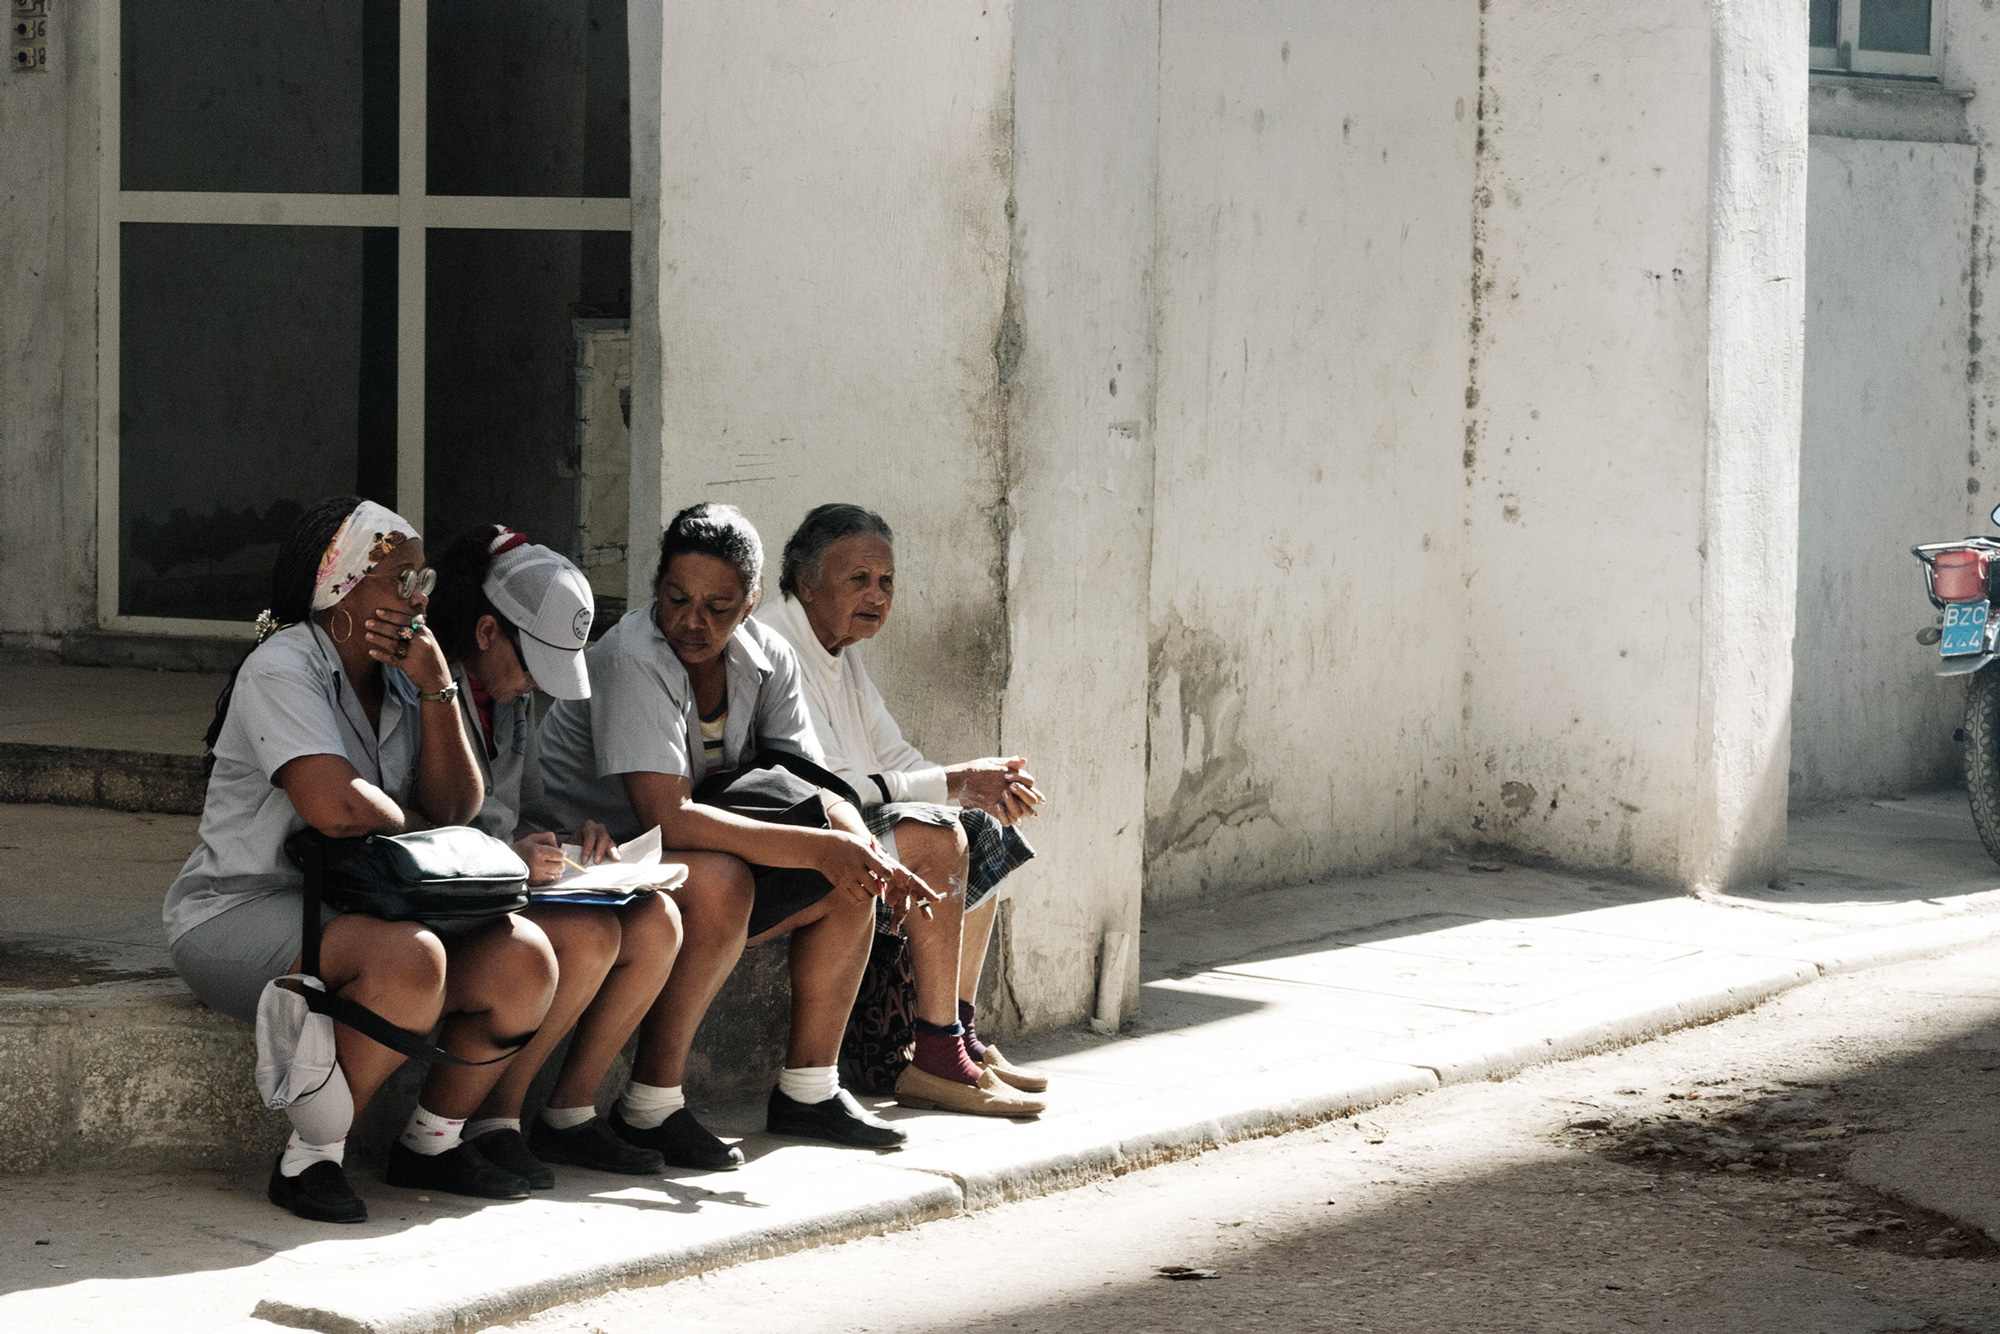 cuba quatre femmes discutent rue murs blancs